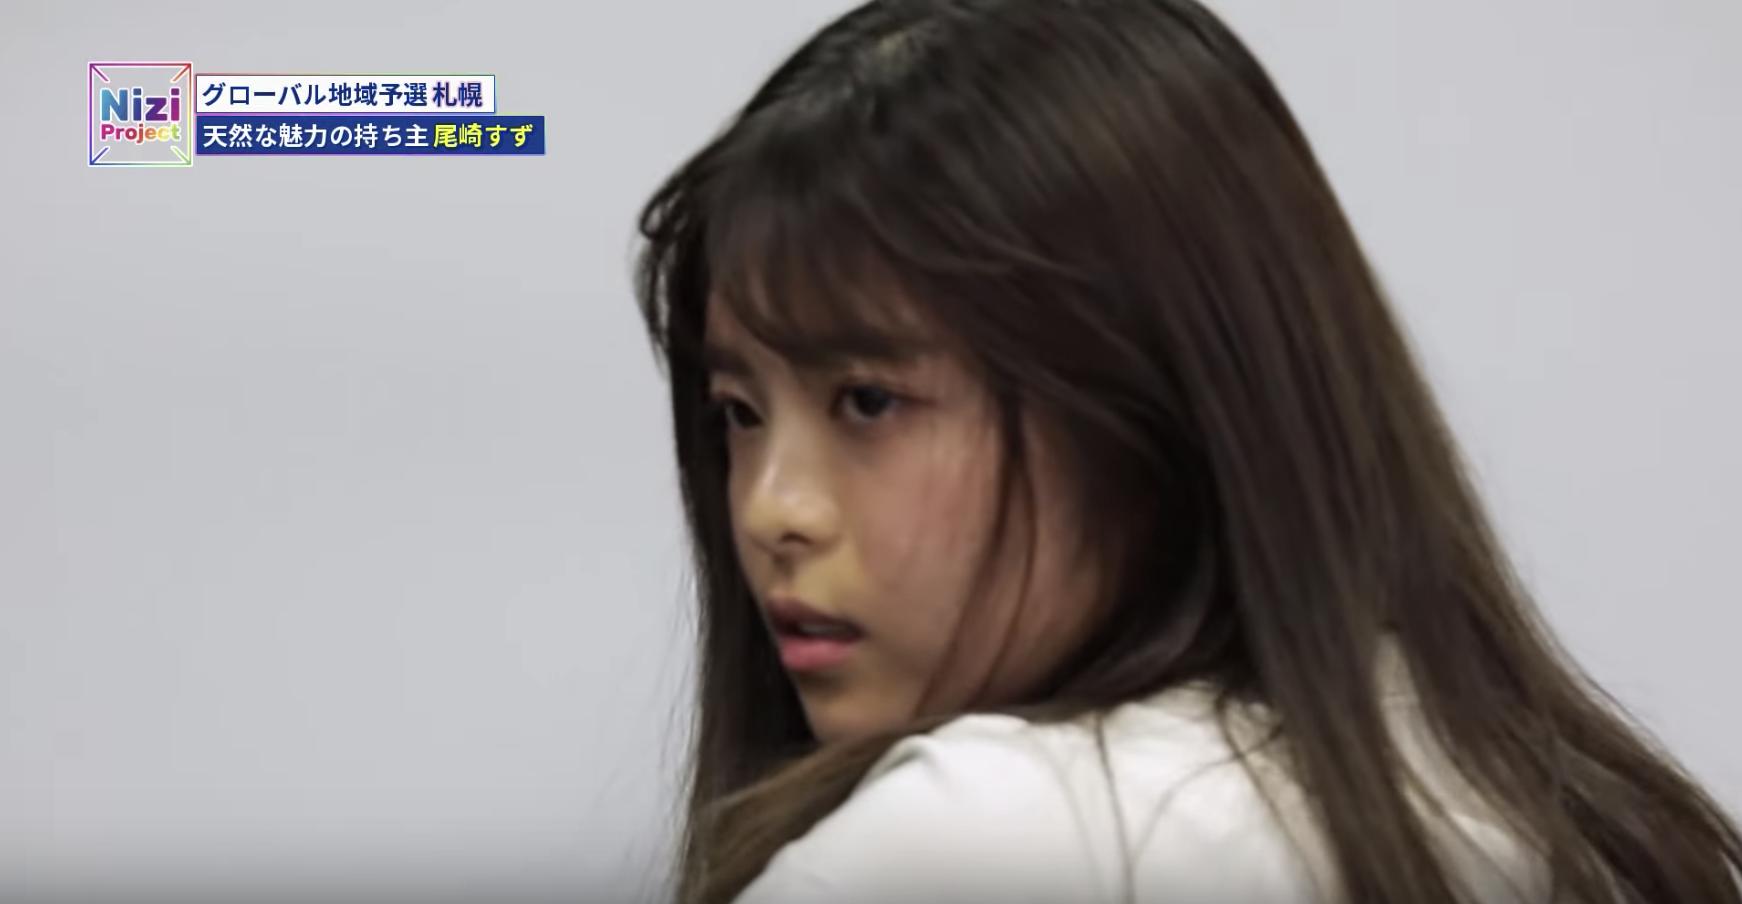 「Nizi project」尾崎すずのプロフィールと経歴!ダンスでJYPが魅了された!